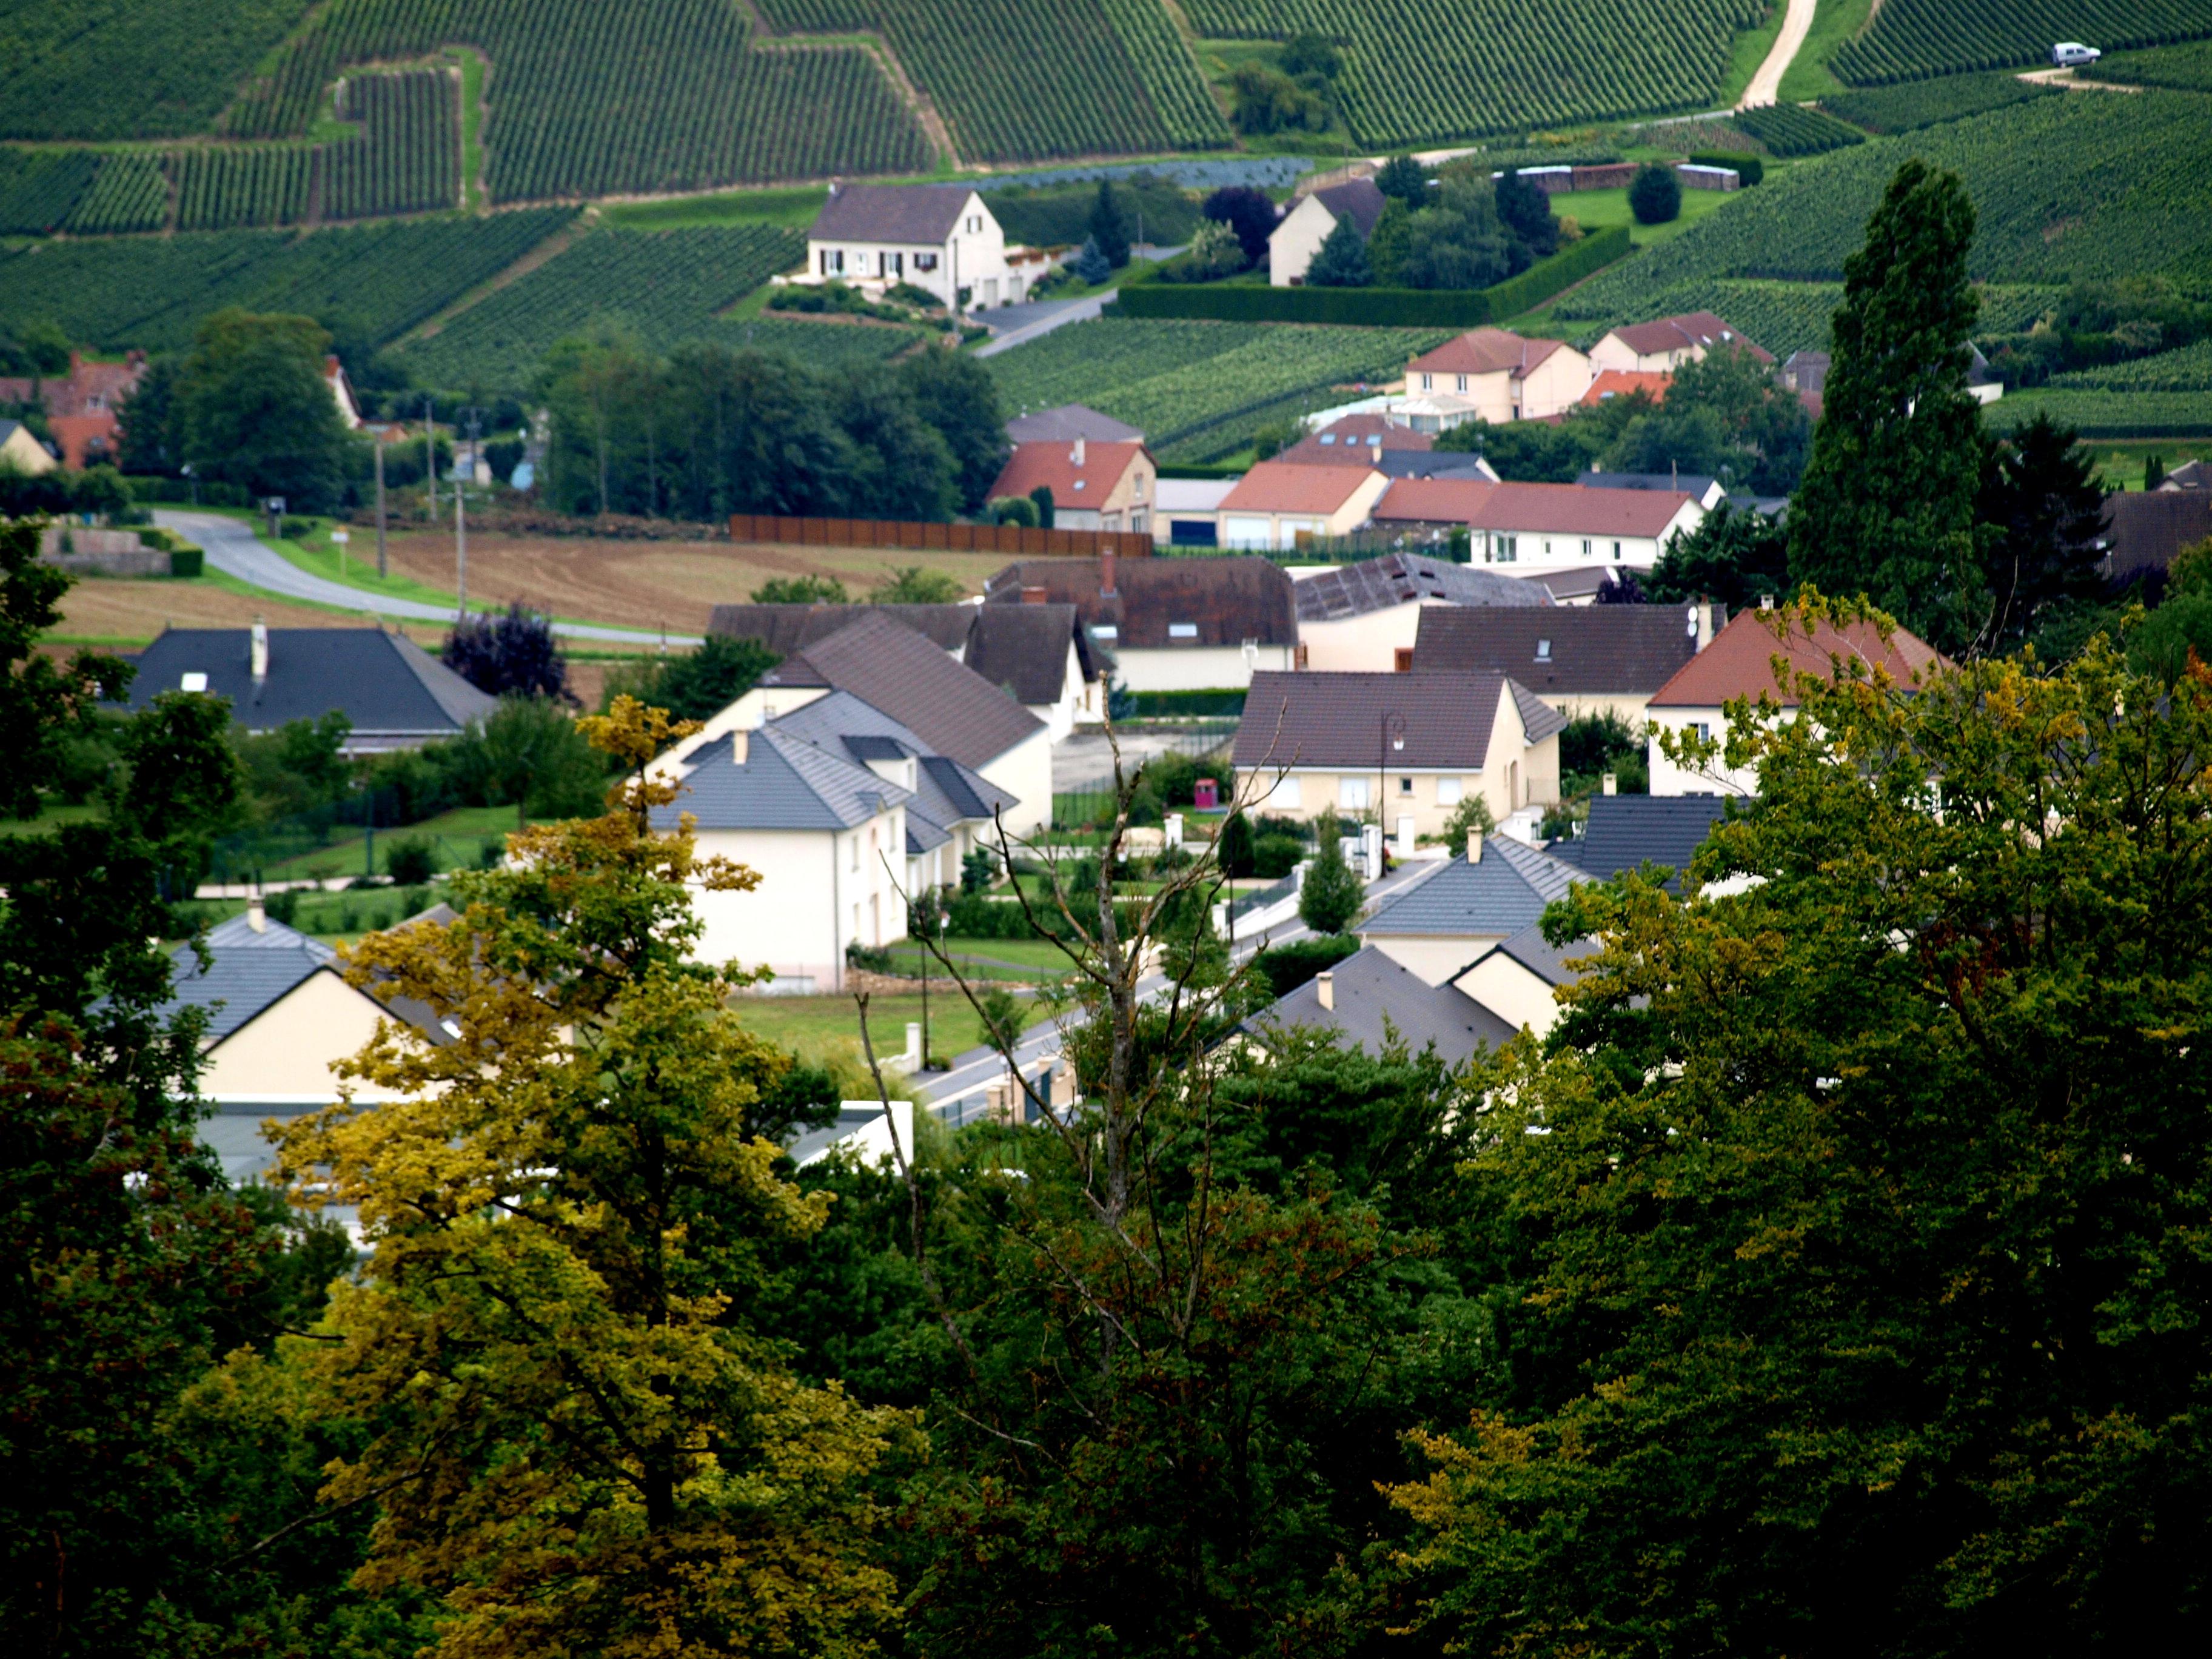 Villers-sous-Châtillon